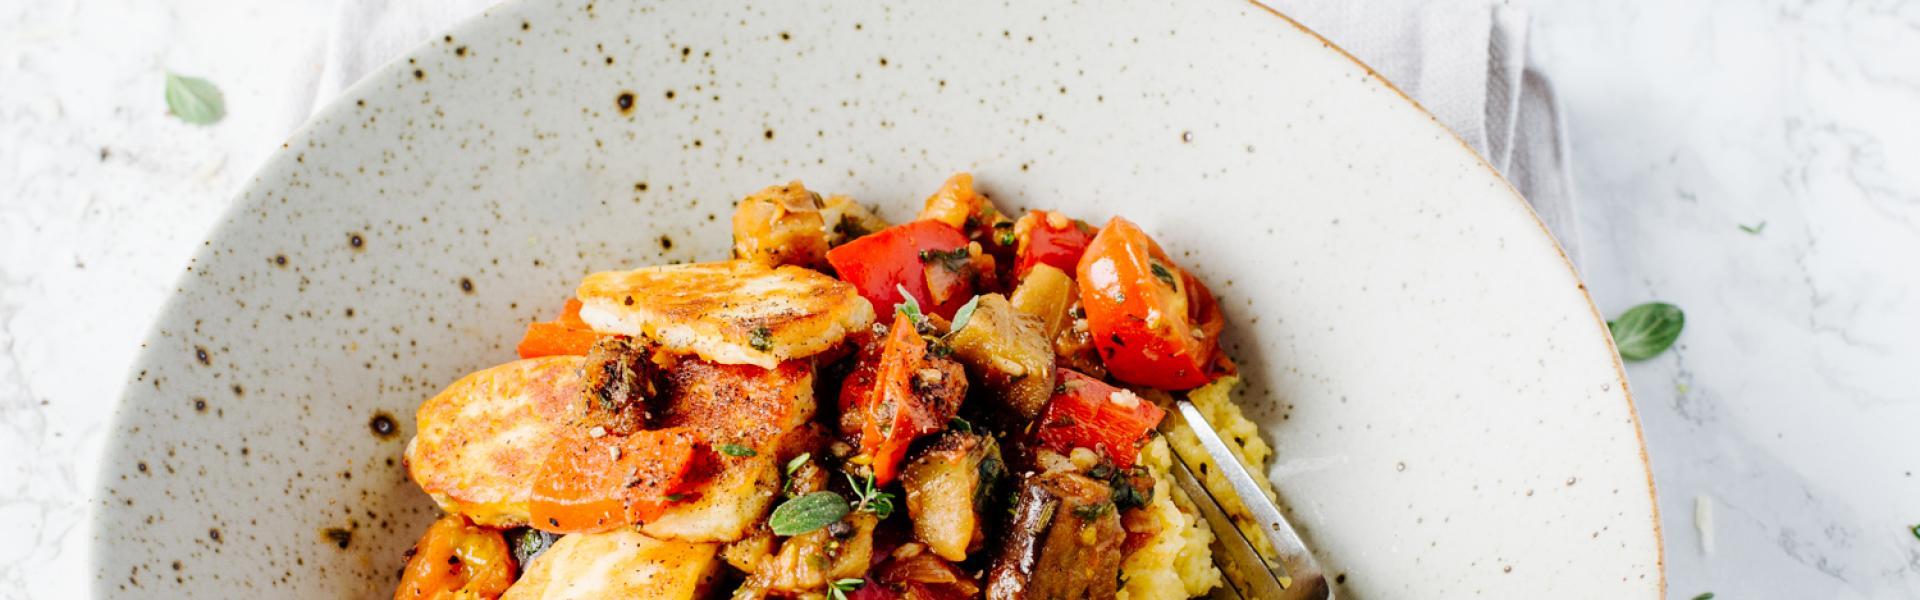 Pesto-Polenta mit Halloumi und Gemüse auf einem Teller angerichtet.